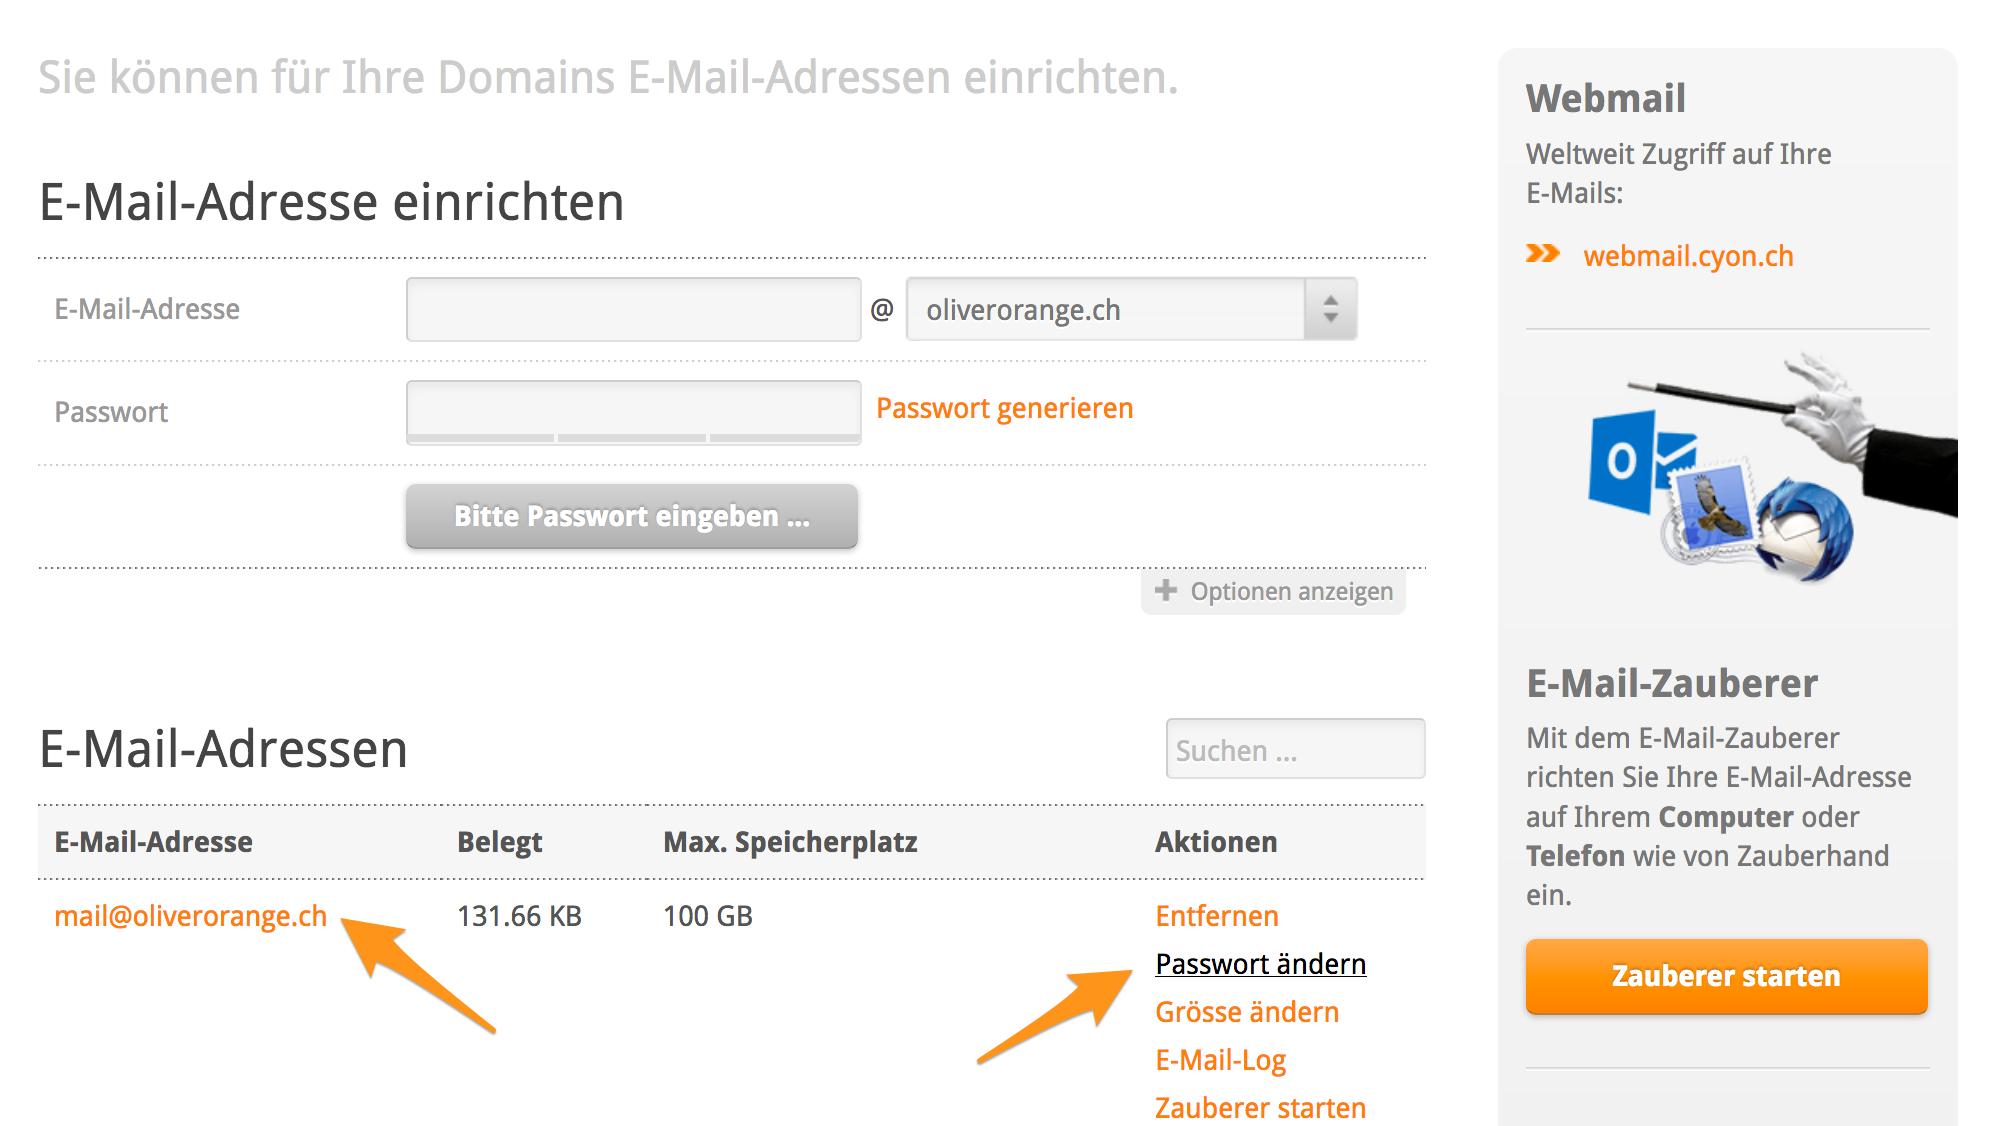 Passwort einer E-Mail-Adresse ändern